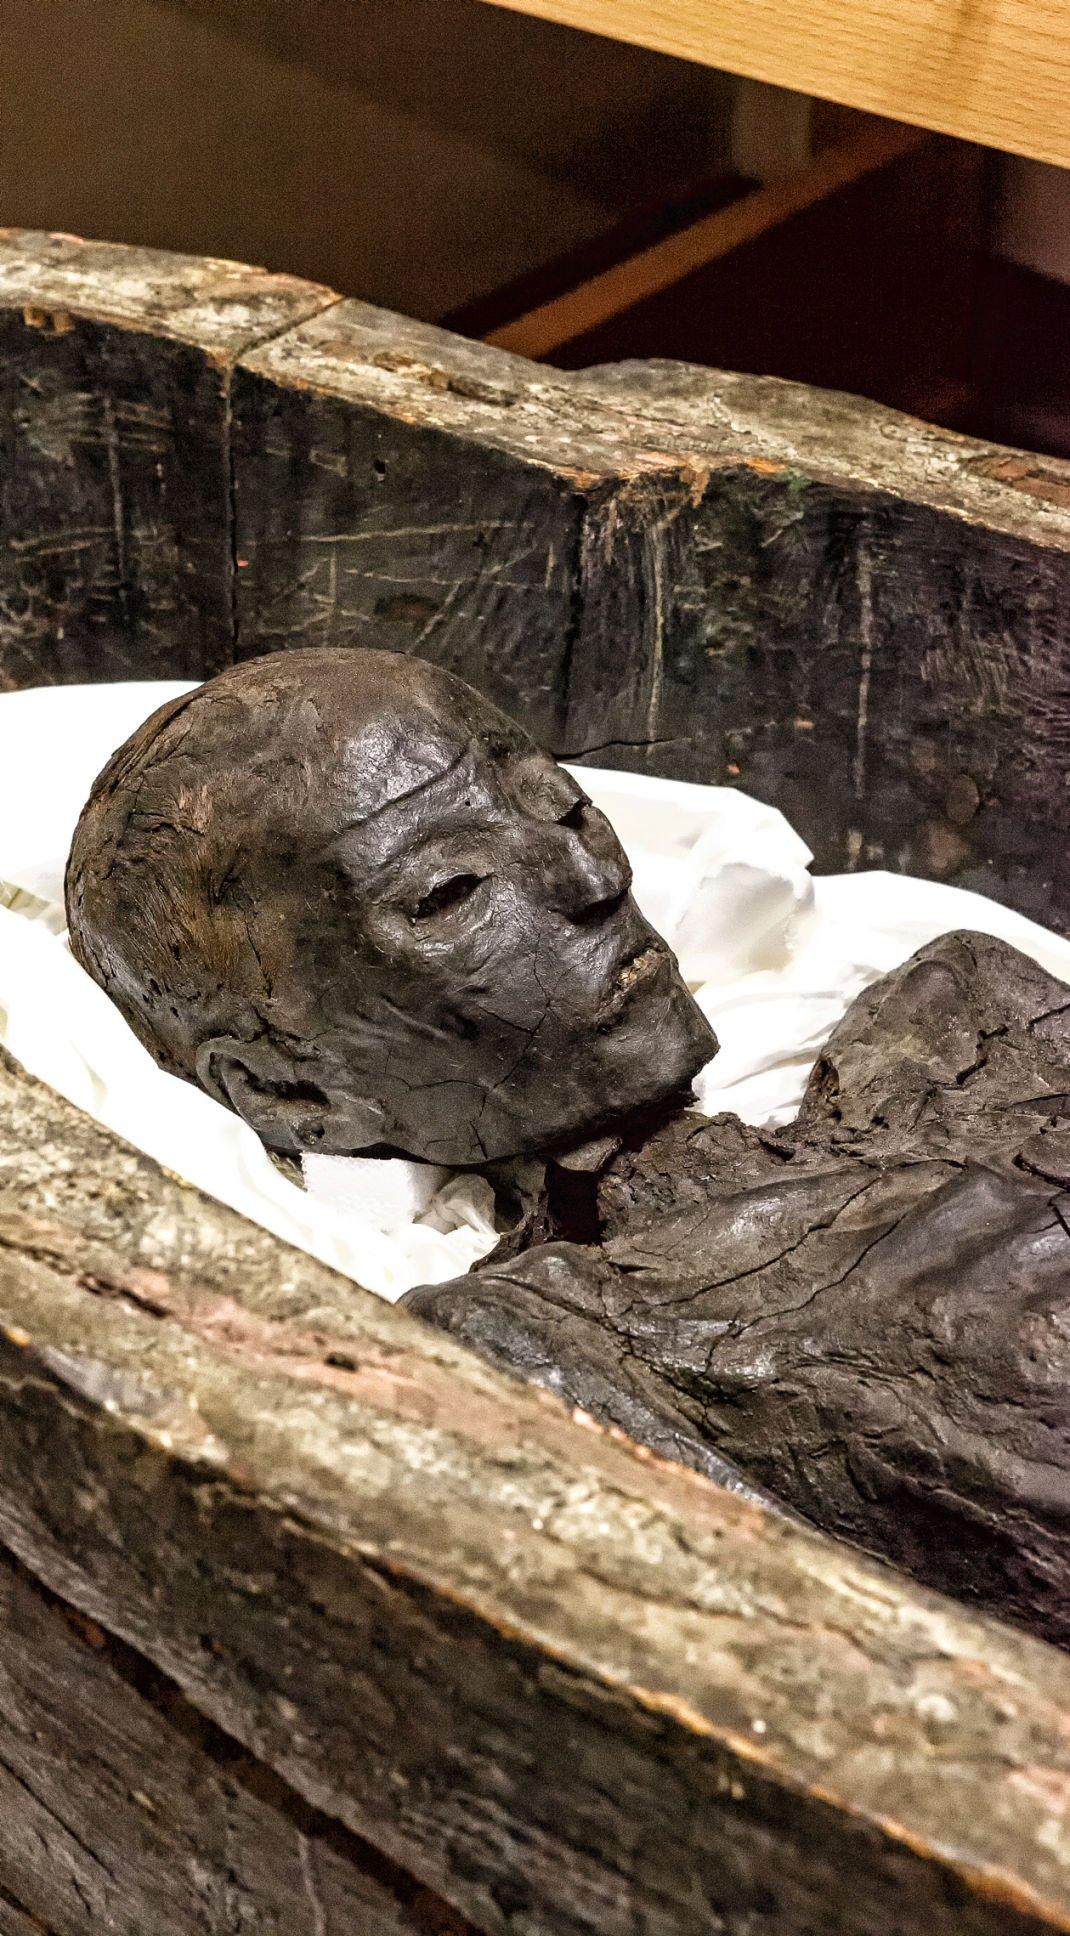 Tulane's Mummies